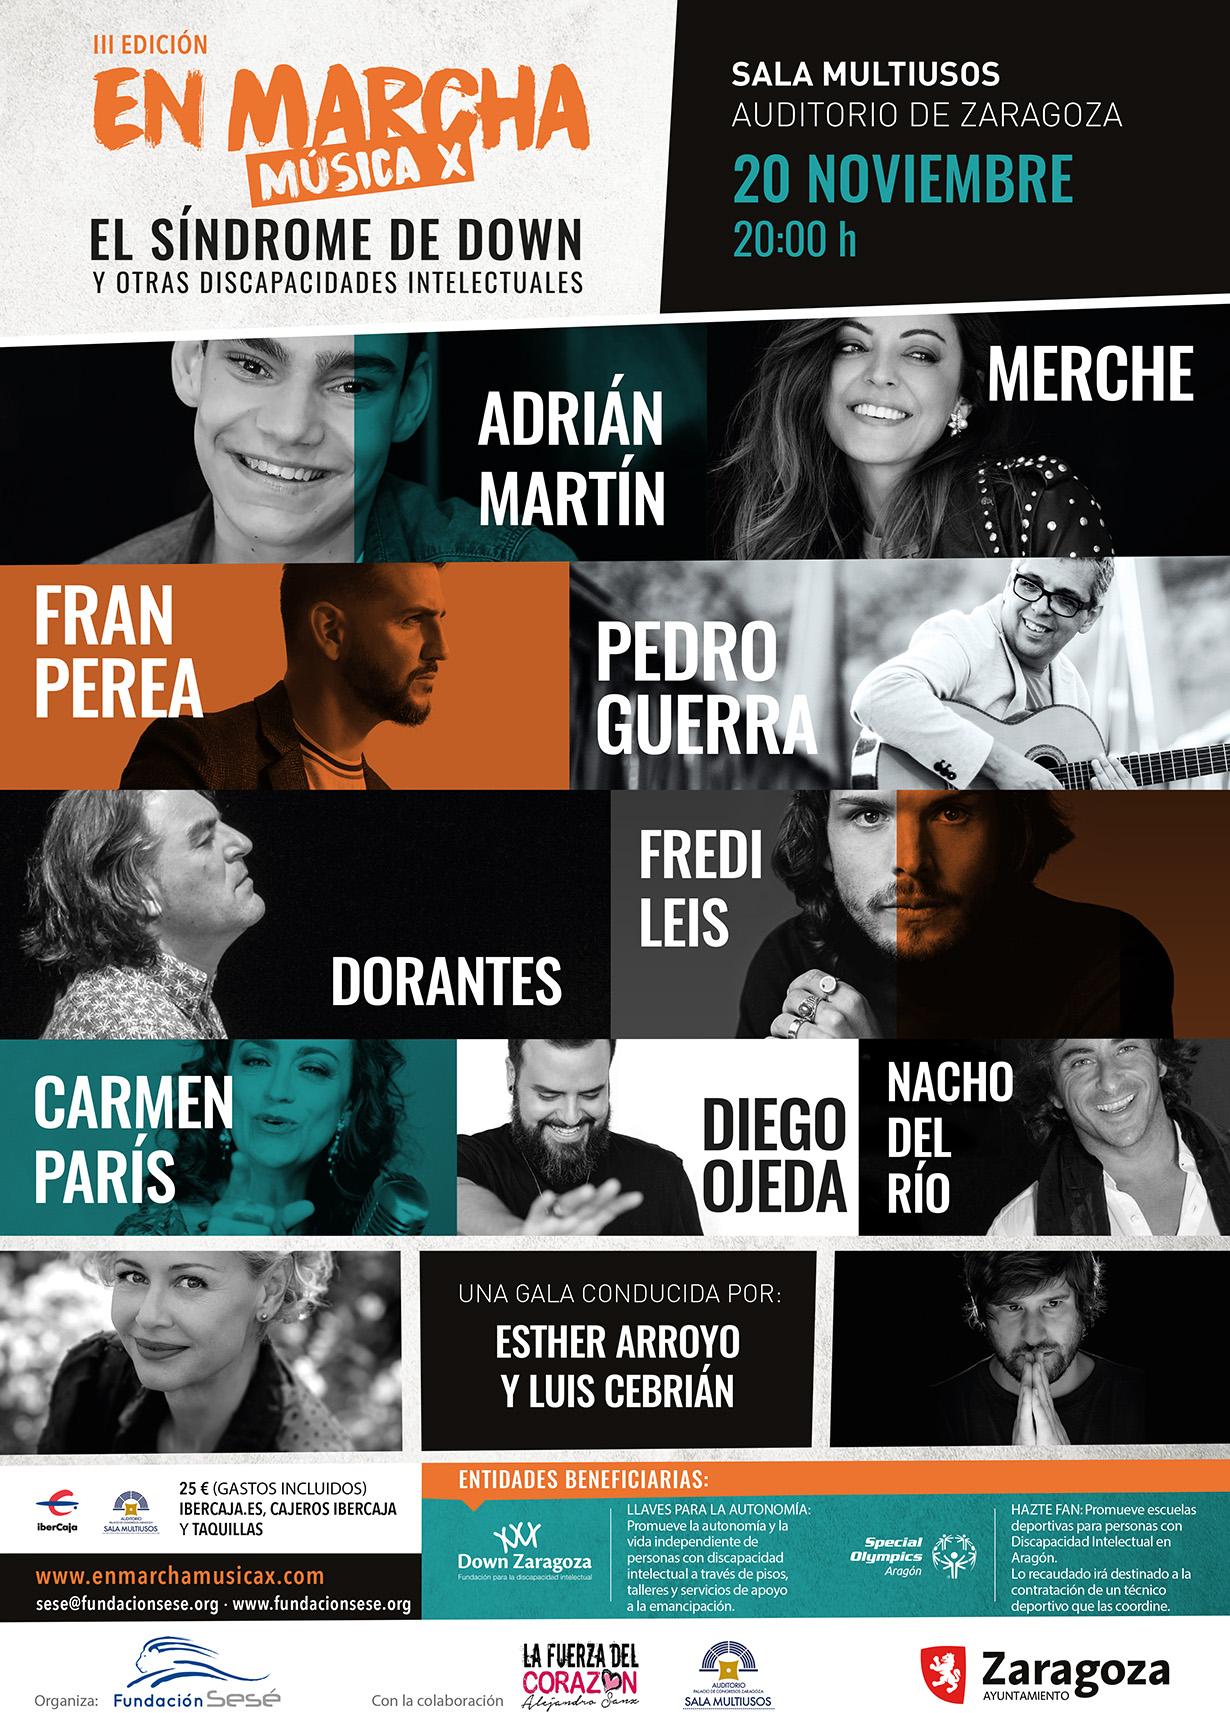 Merche, Pedro Guerra y Fran Perea cantarán en Zaragoza por la discapacidad intelectual en la tercera gala solidaria de la Fundación Sesé